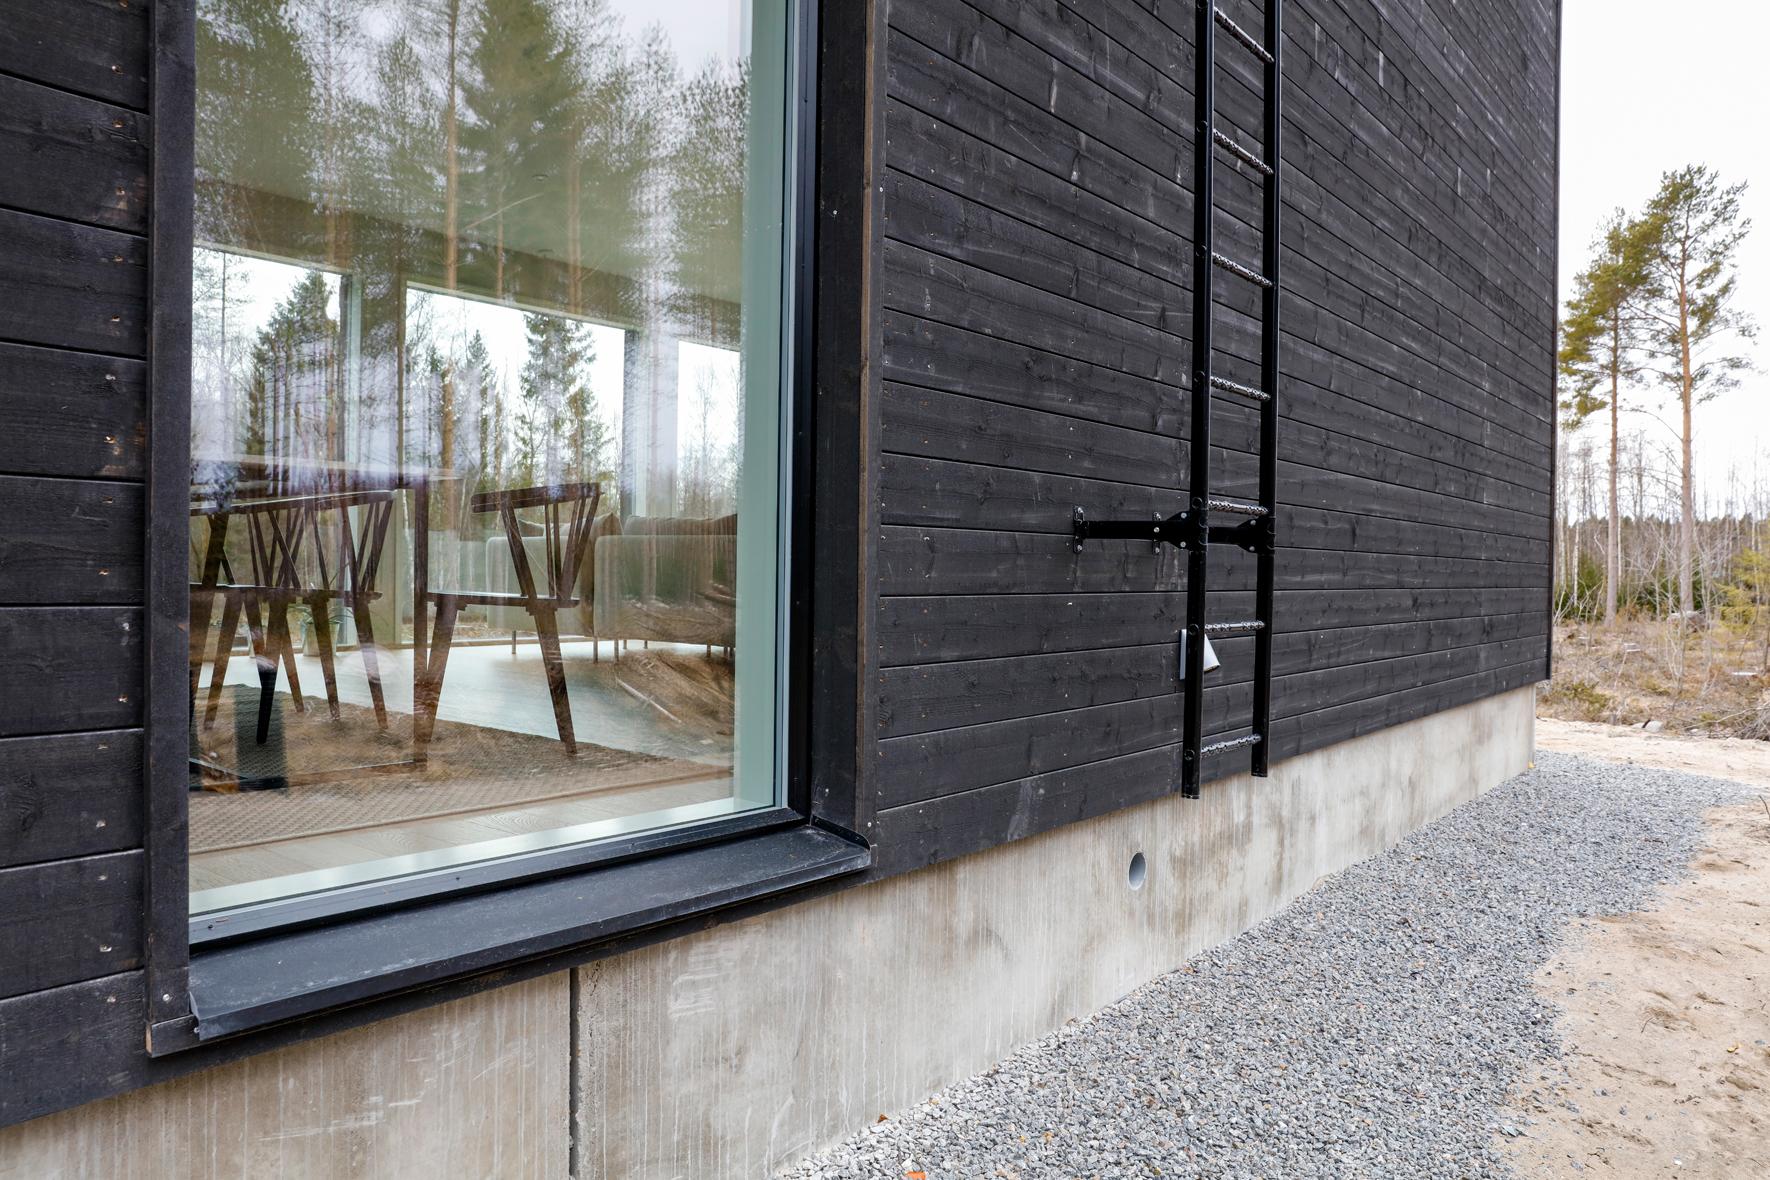 Svart panelad utsida med stora fönster